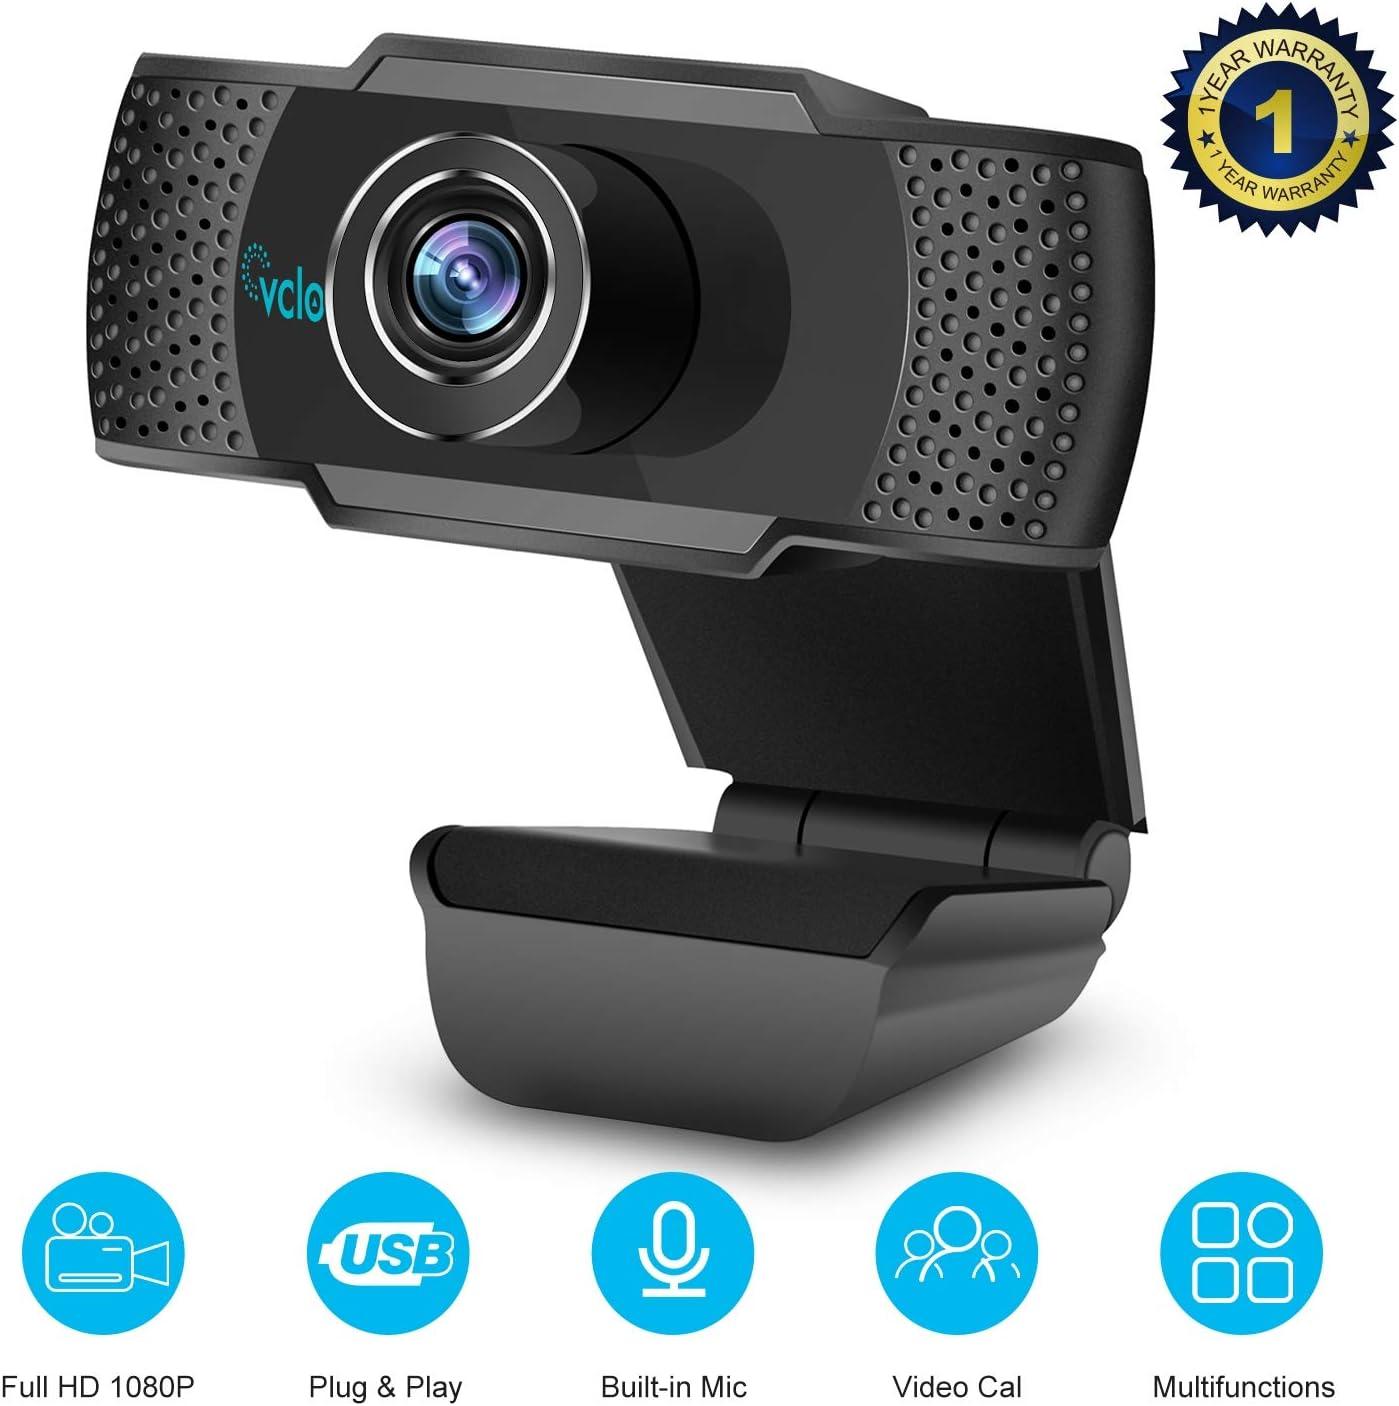 vcloo Cámara Web 1080P Full HD con Micrófono - Computadora Portátil PC Webcam de Escritorio USB 2.0 Webcam para videollamadas, Estudios, conferencias, grabación, Juegos con Clip Giratorio …